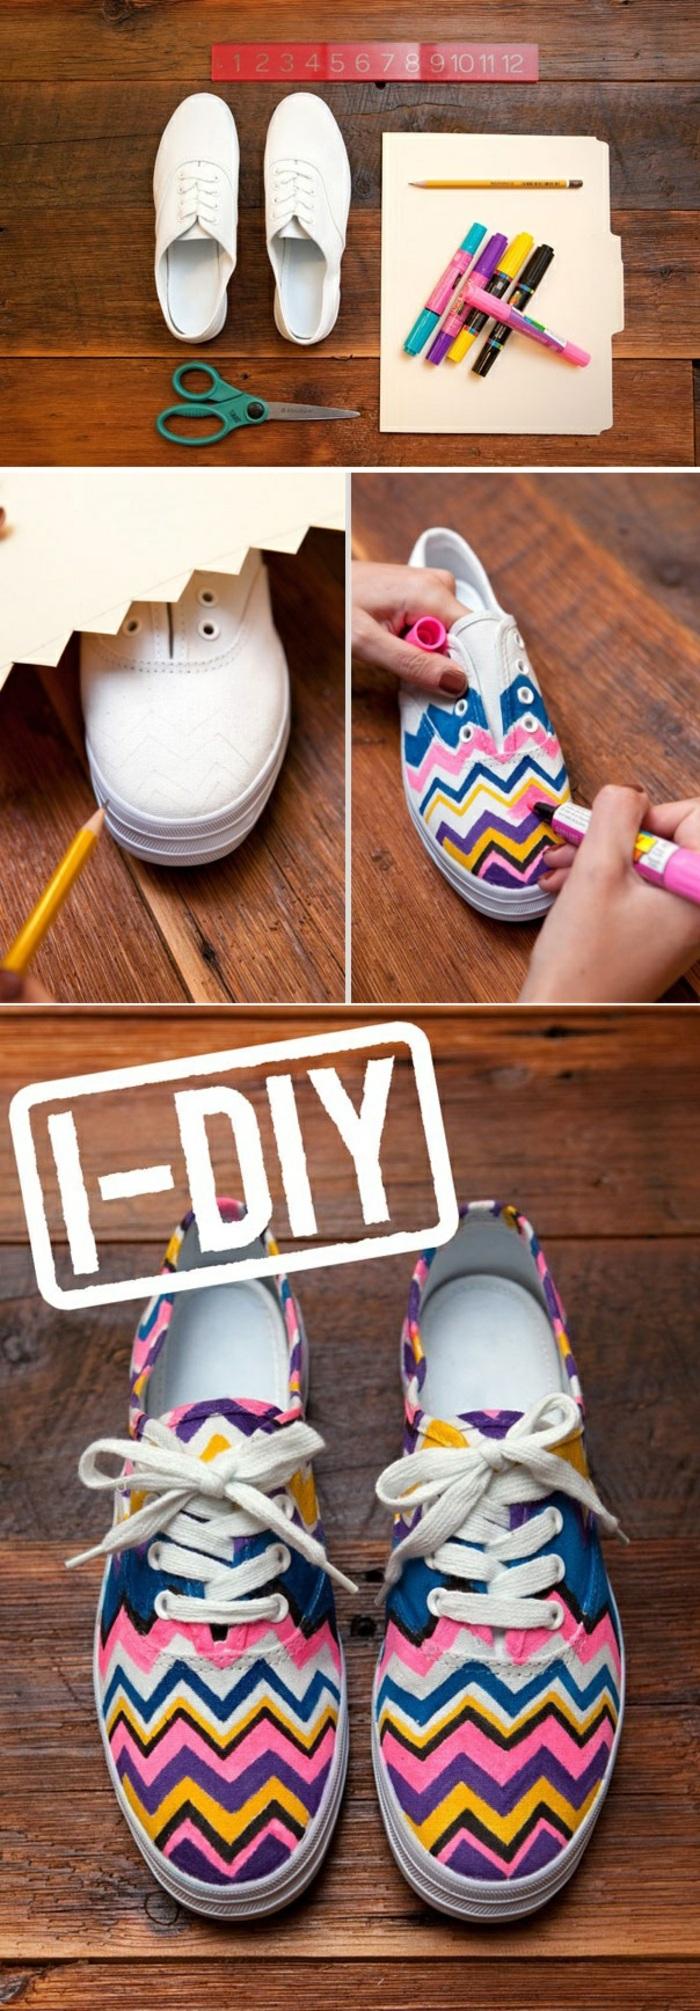 originales ideas de manualidades para pequeños y adultos para el verano, zapatillas decoradas con marcadores en colores vibrantes